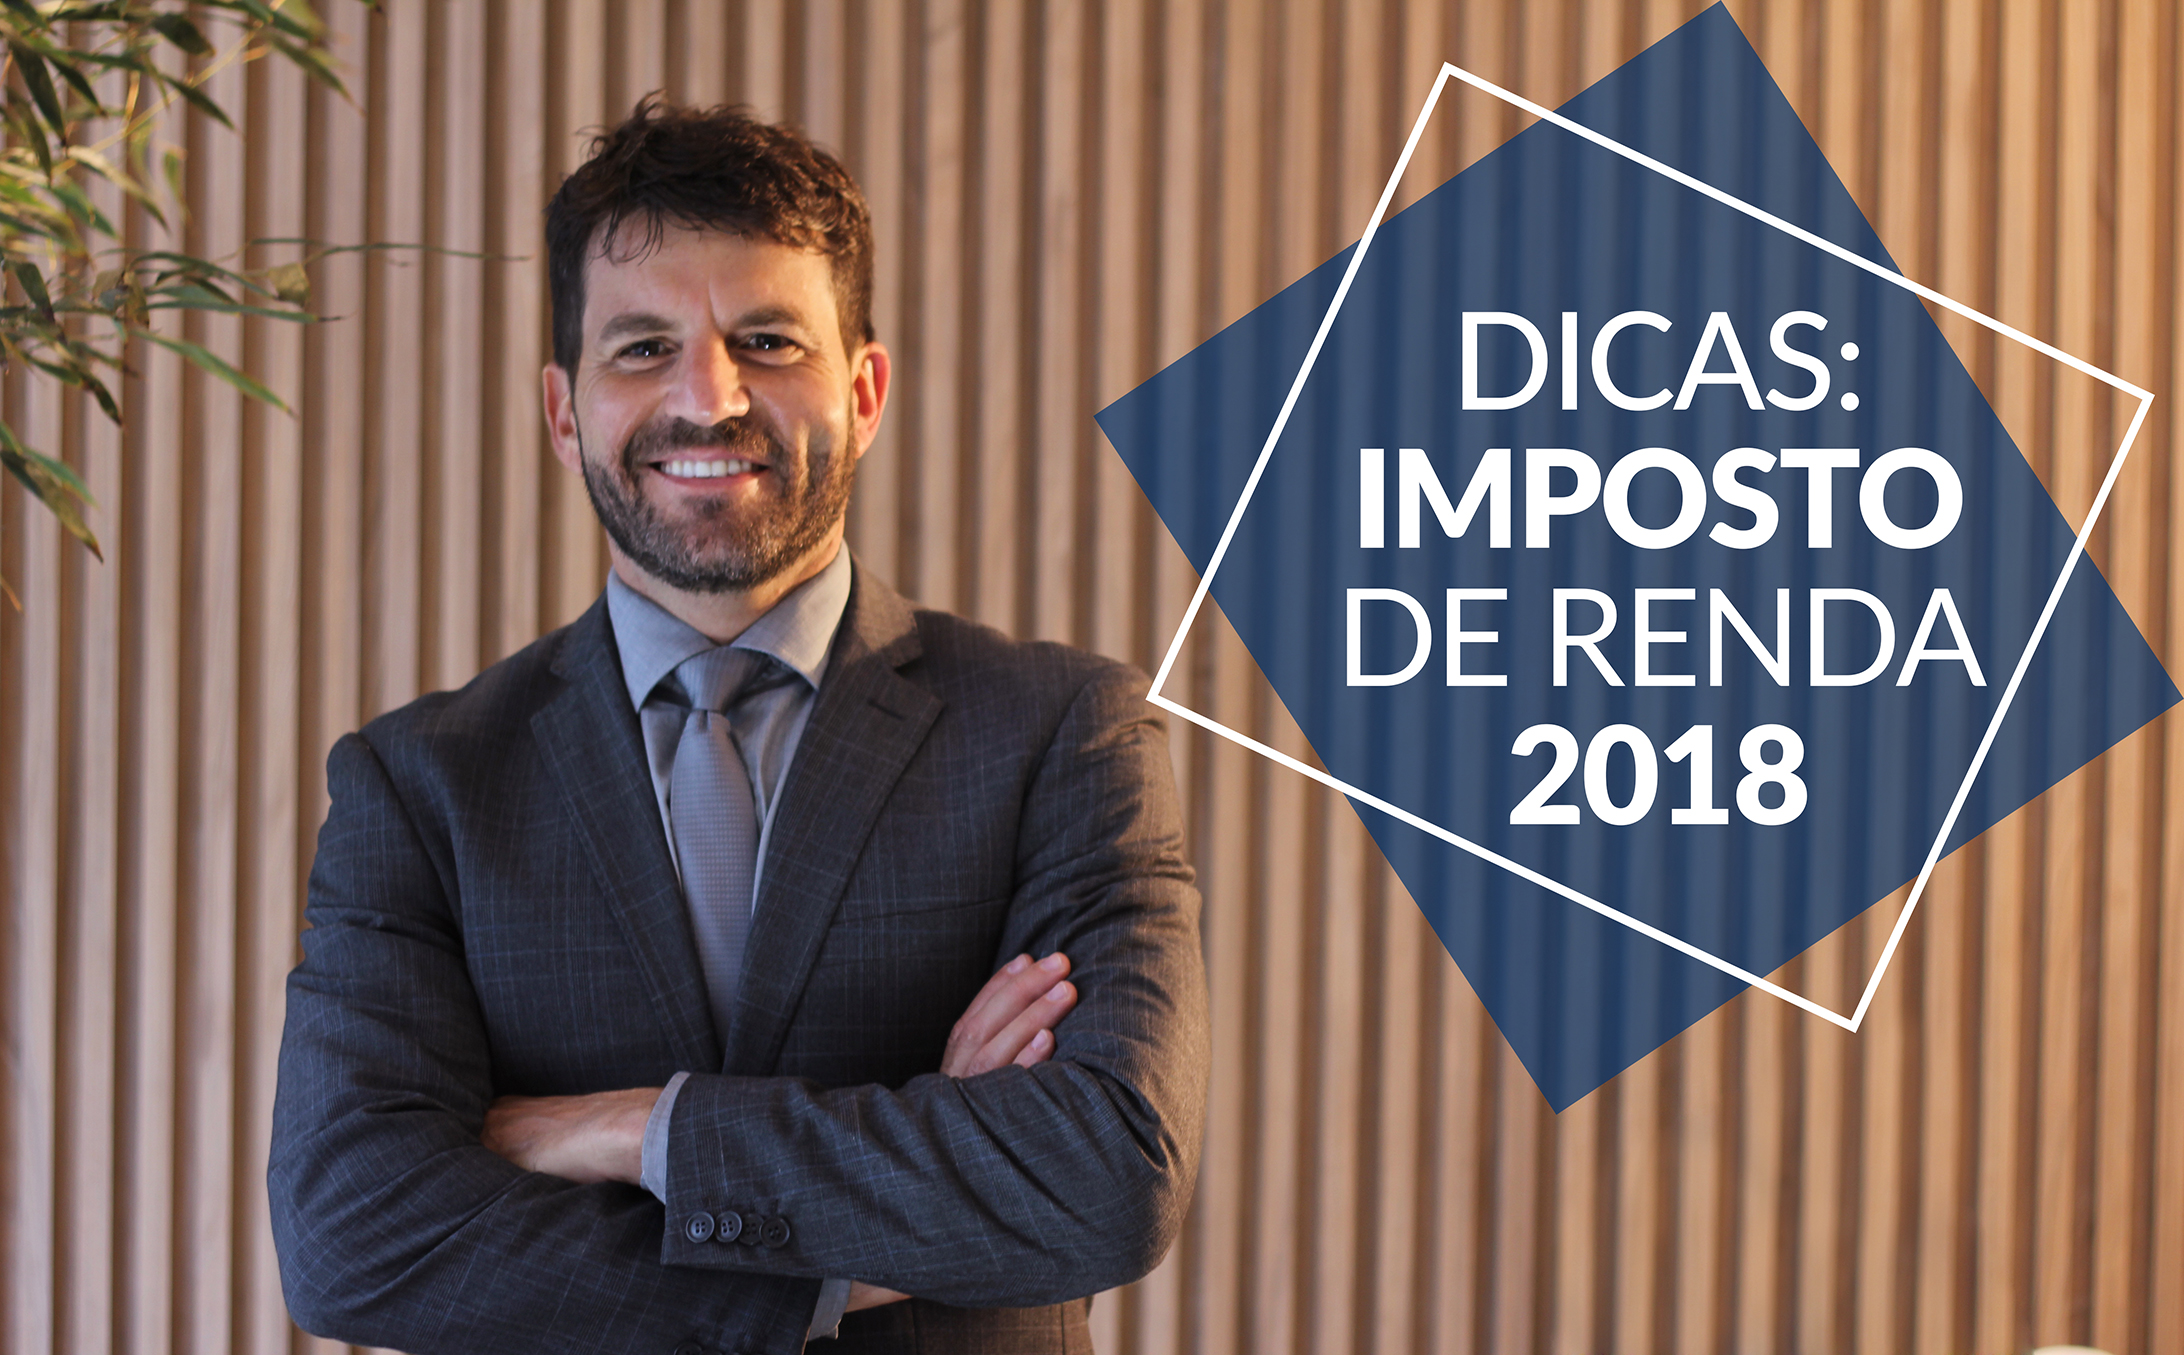 TIRE SUAS DÚVIDAS SOBRE O IMPOSTO RENDA 2018 | CONFIRP